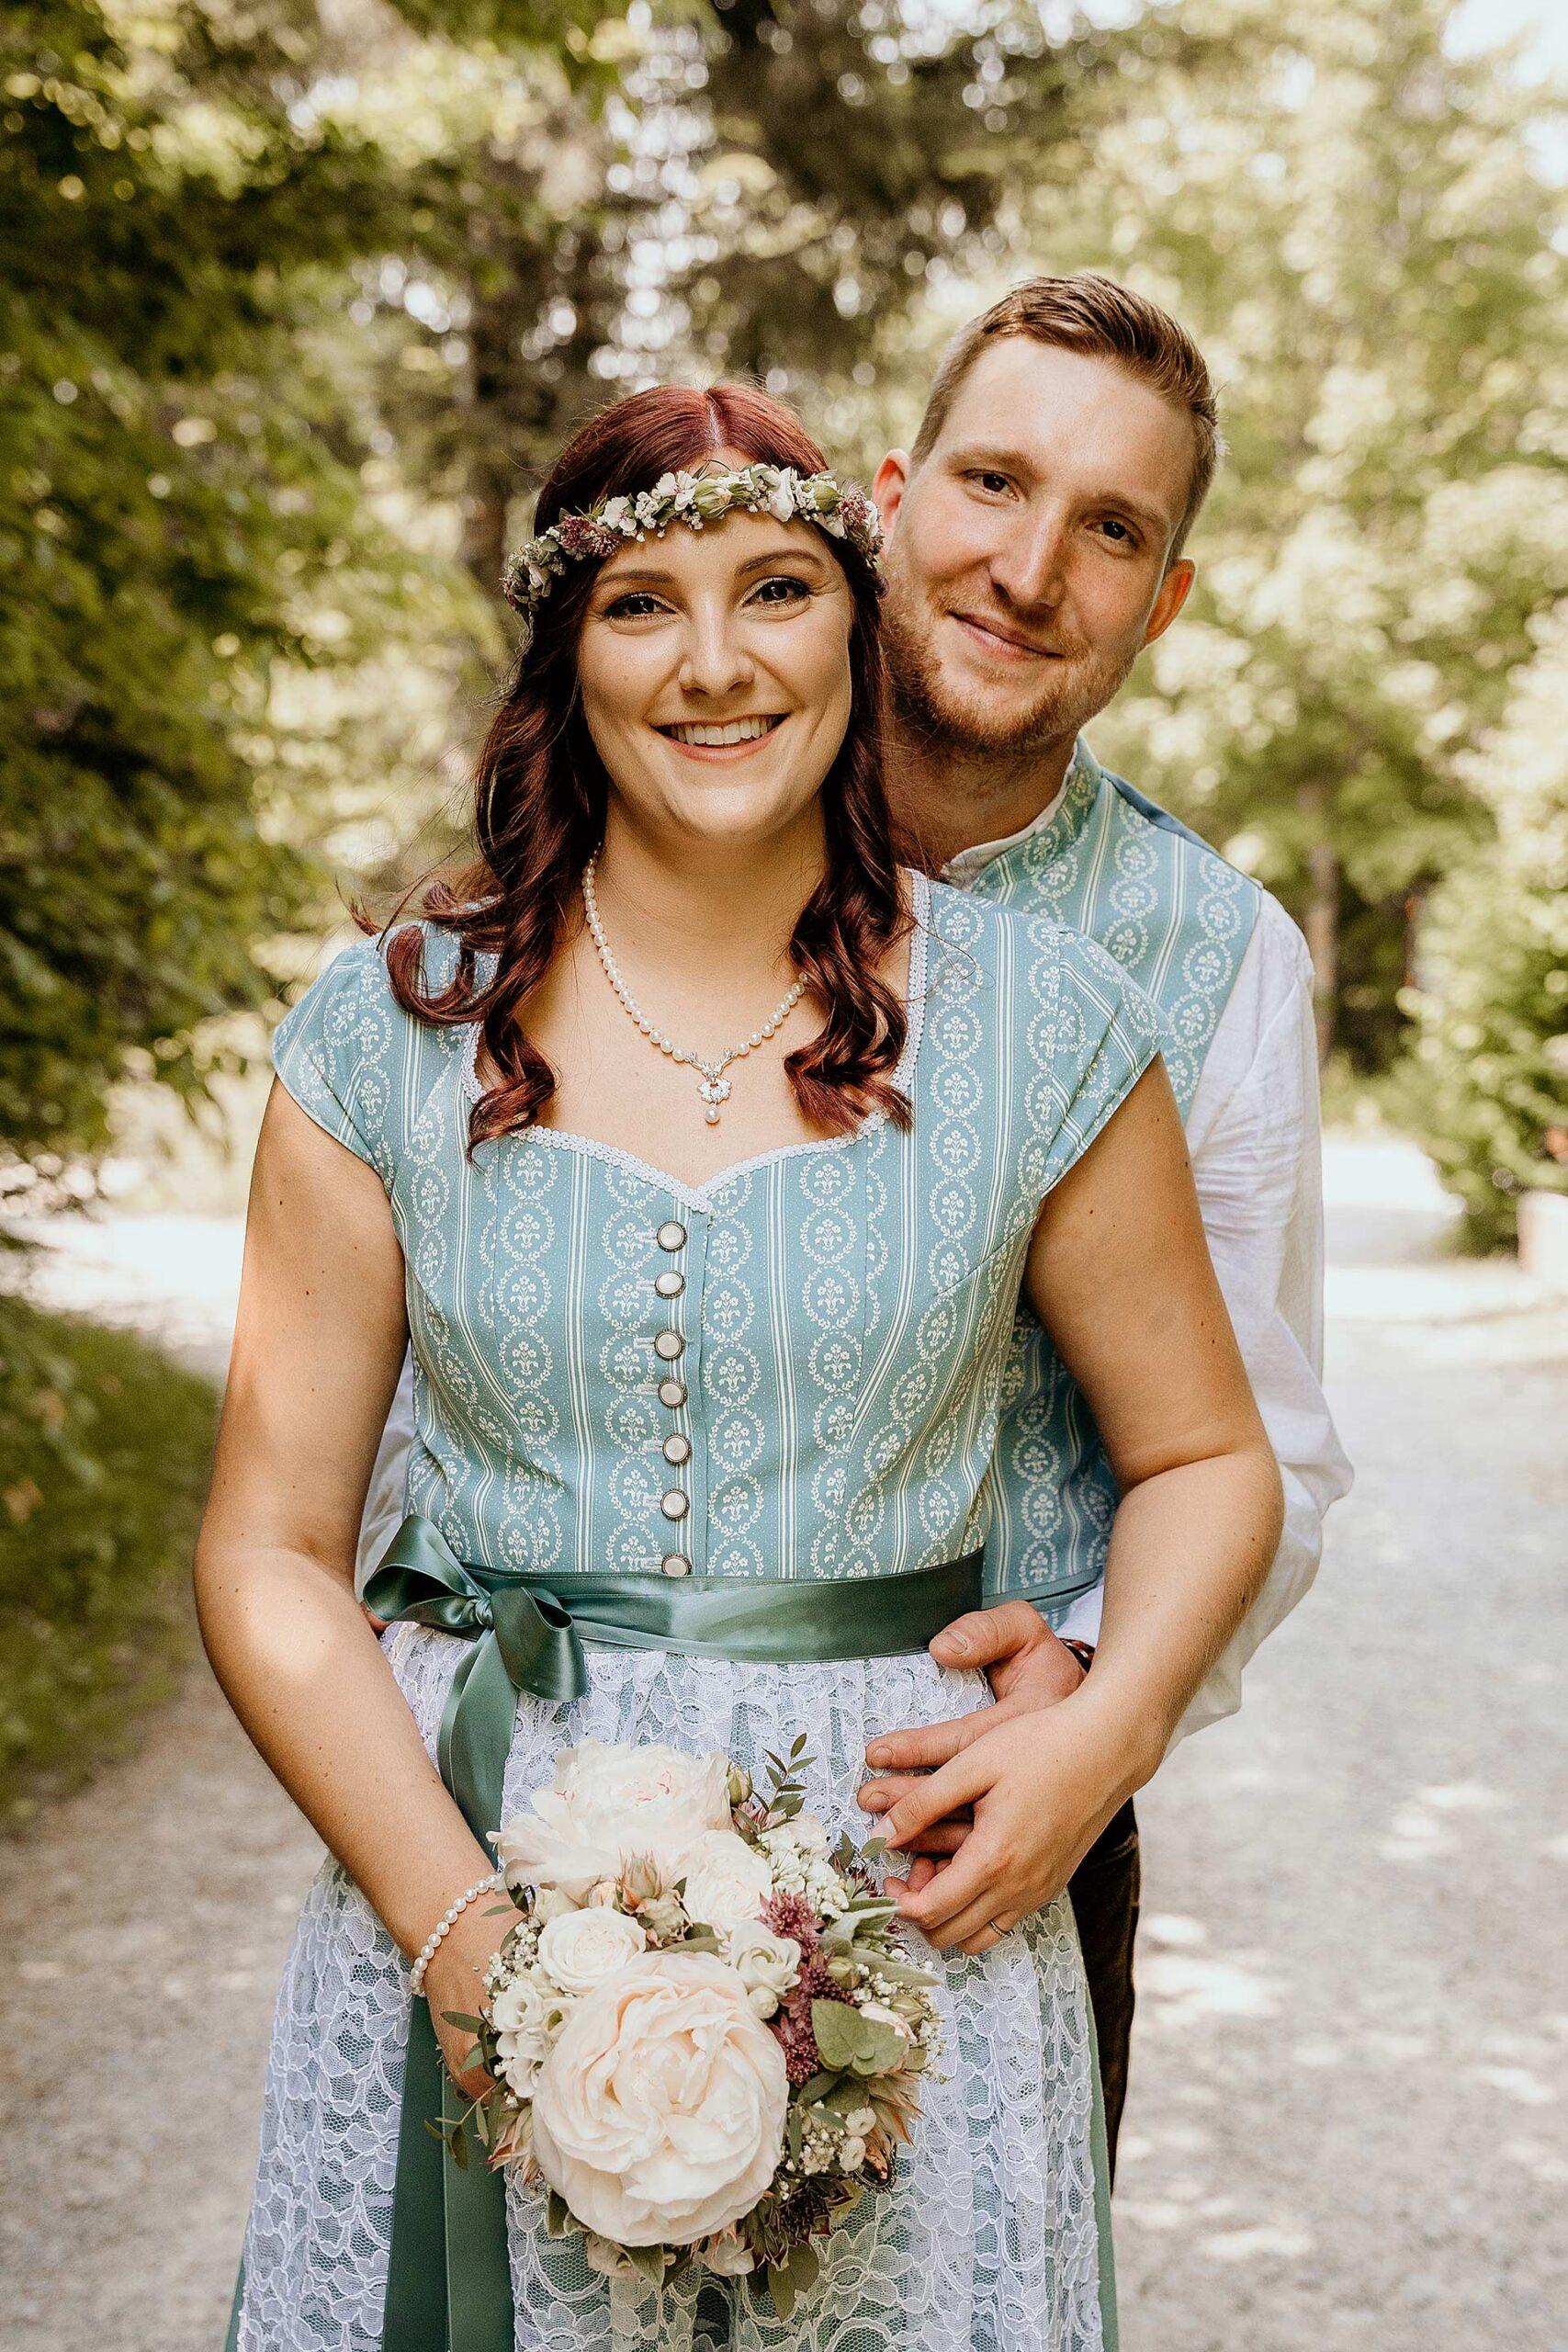 BrautpaarshootingHochzeitsreportagefotografischeBegleitungRegenStraubingViechtachCham scaled - Hochzeitsreportage